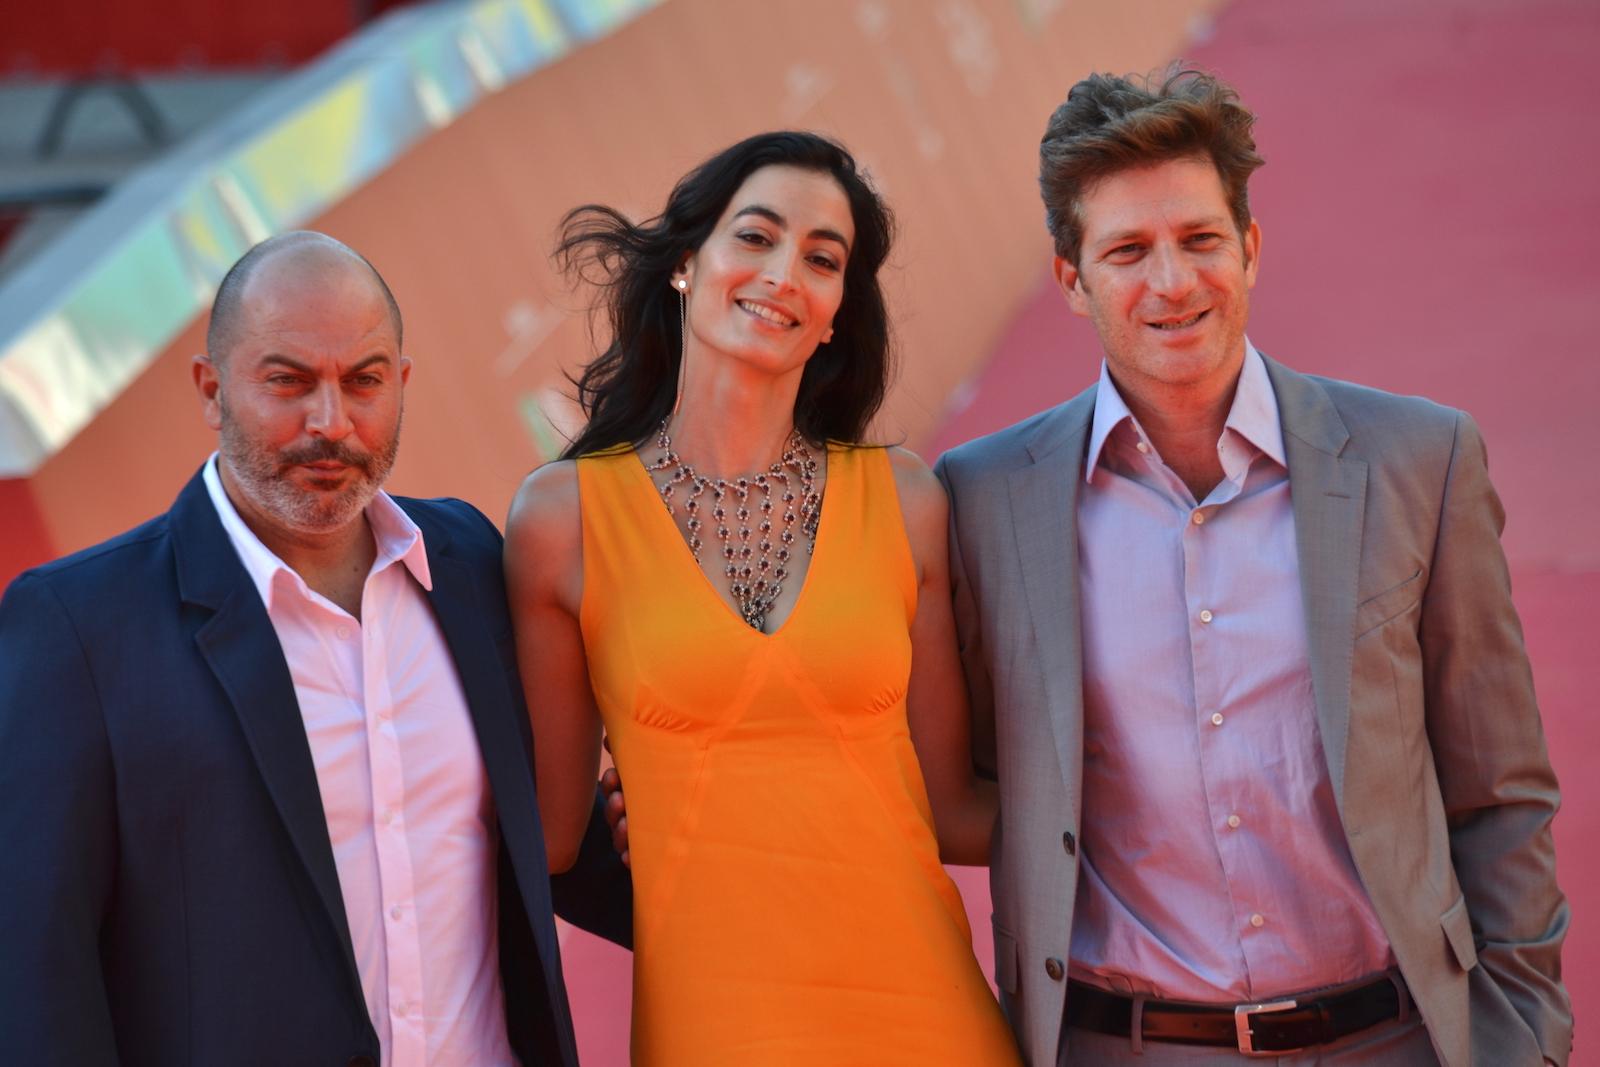 Roma 2015: Assaf Bernstein, Laëtitia Eïdo e Lior Raz sul red carpet di Fauda